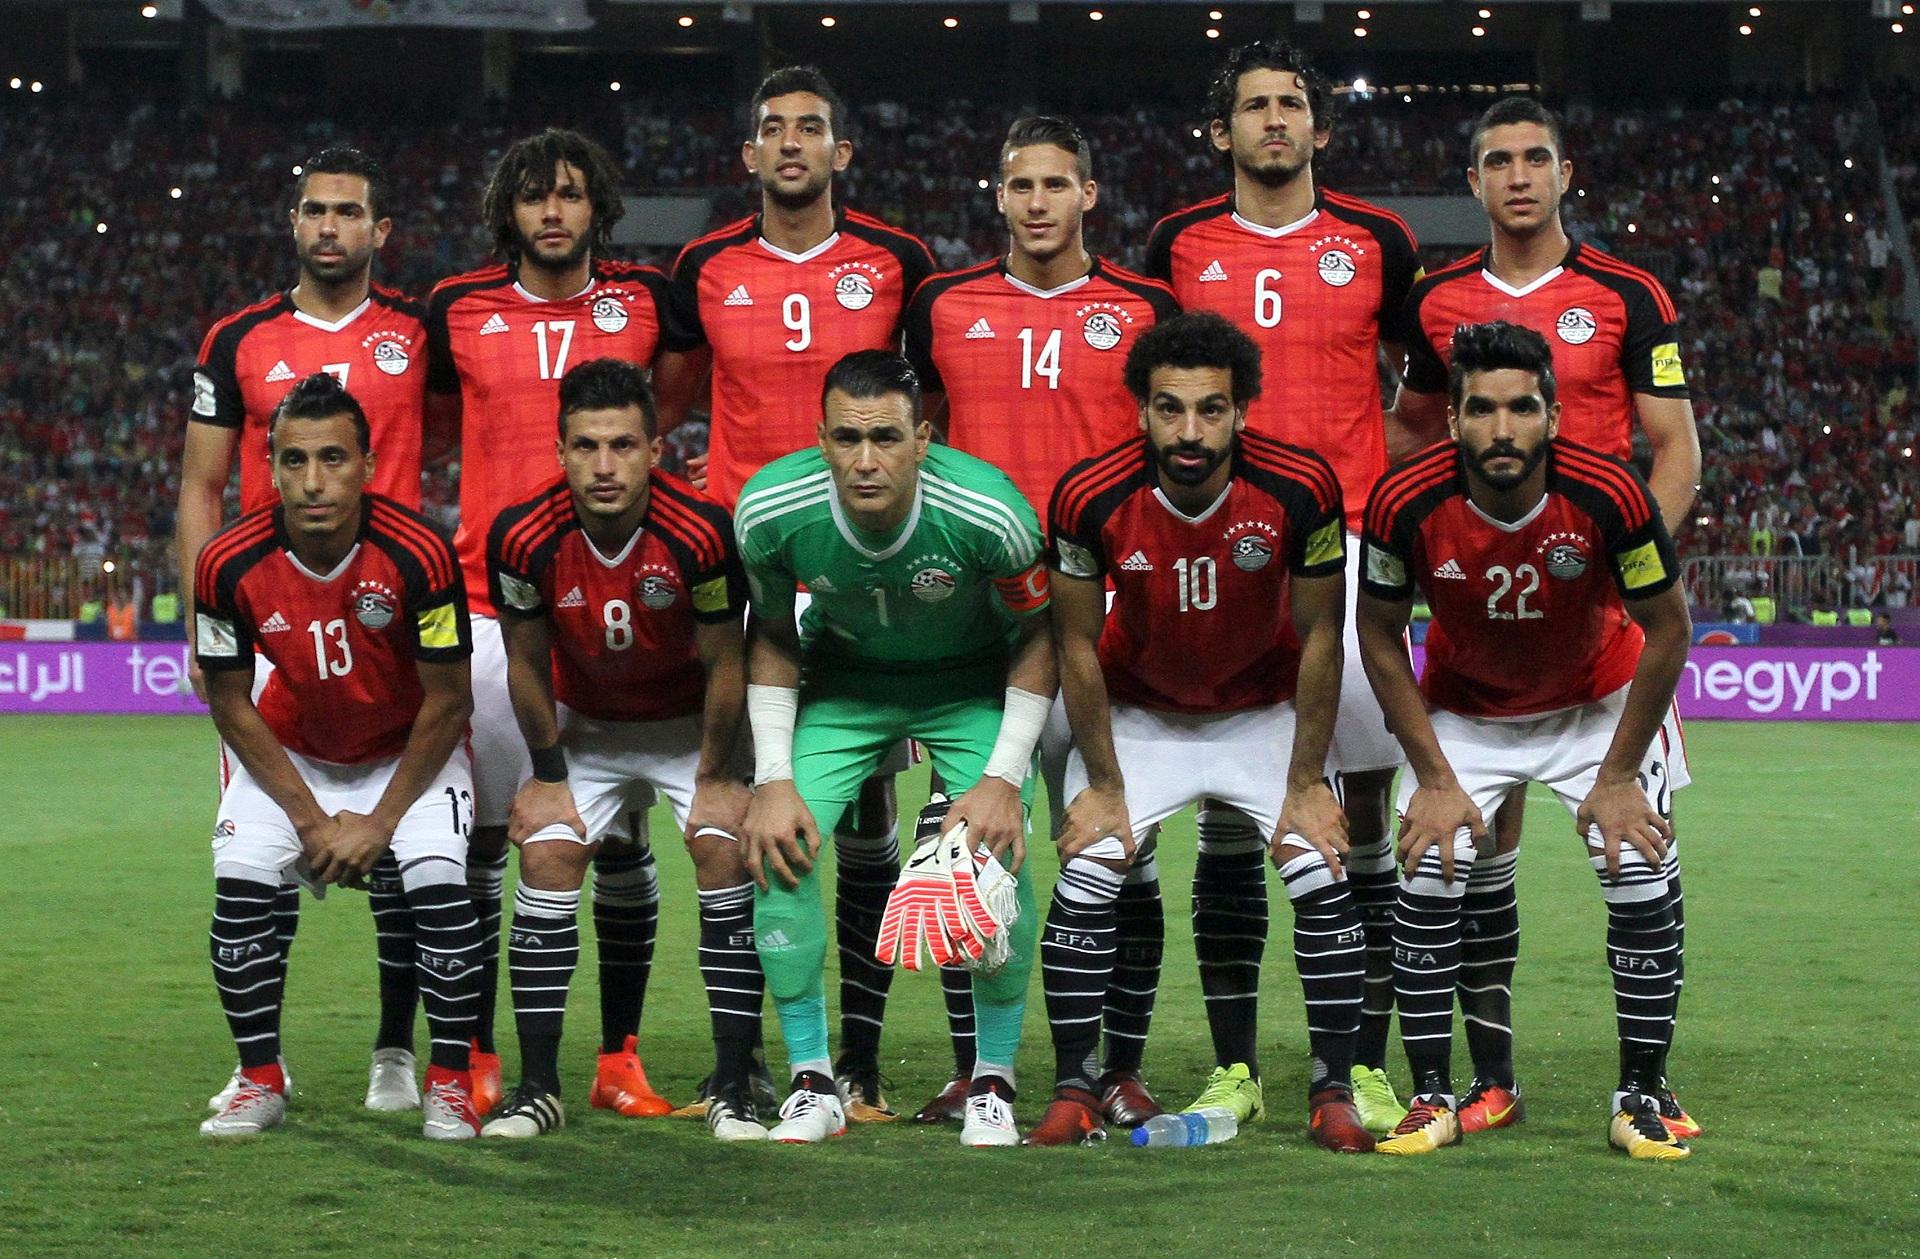 Mundial Rusia  Alineacion Figura Convocados Y Todo Lo Que Hay Que Saber De Egipto Goal Com